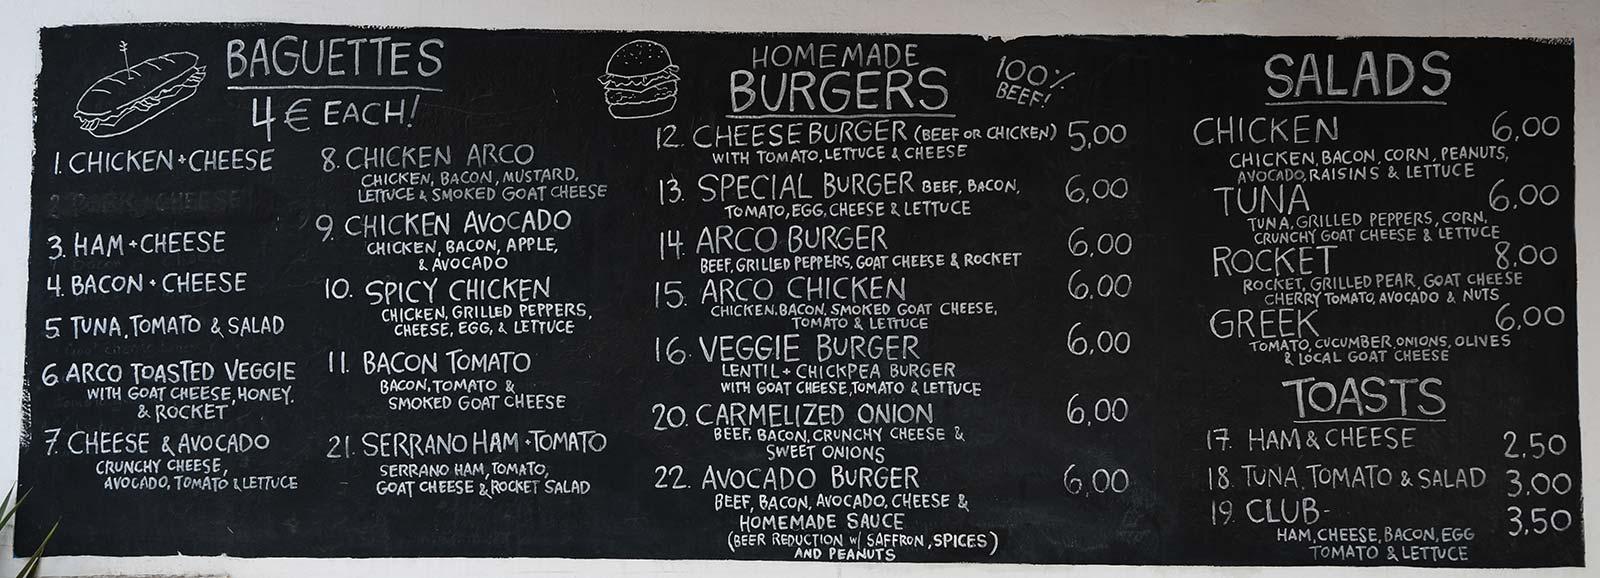 ensaladas-burgers-y-bocatas